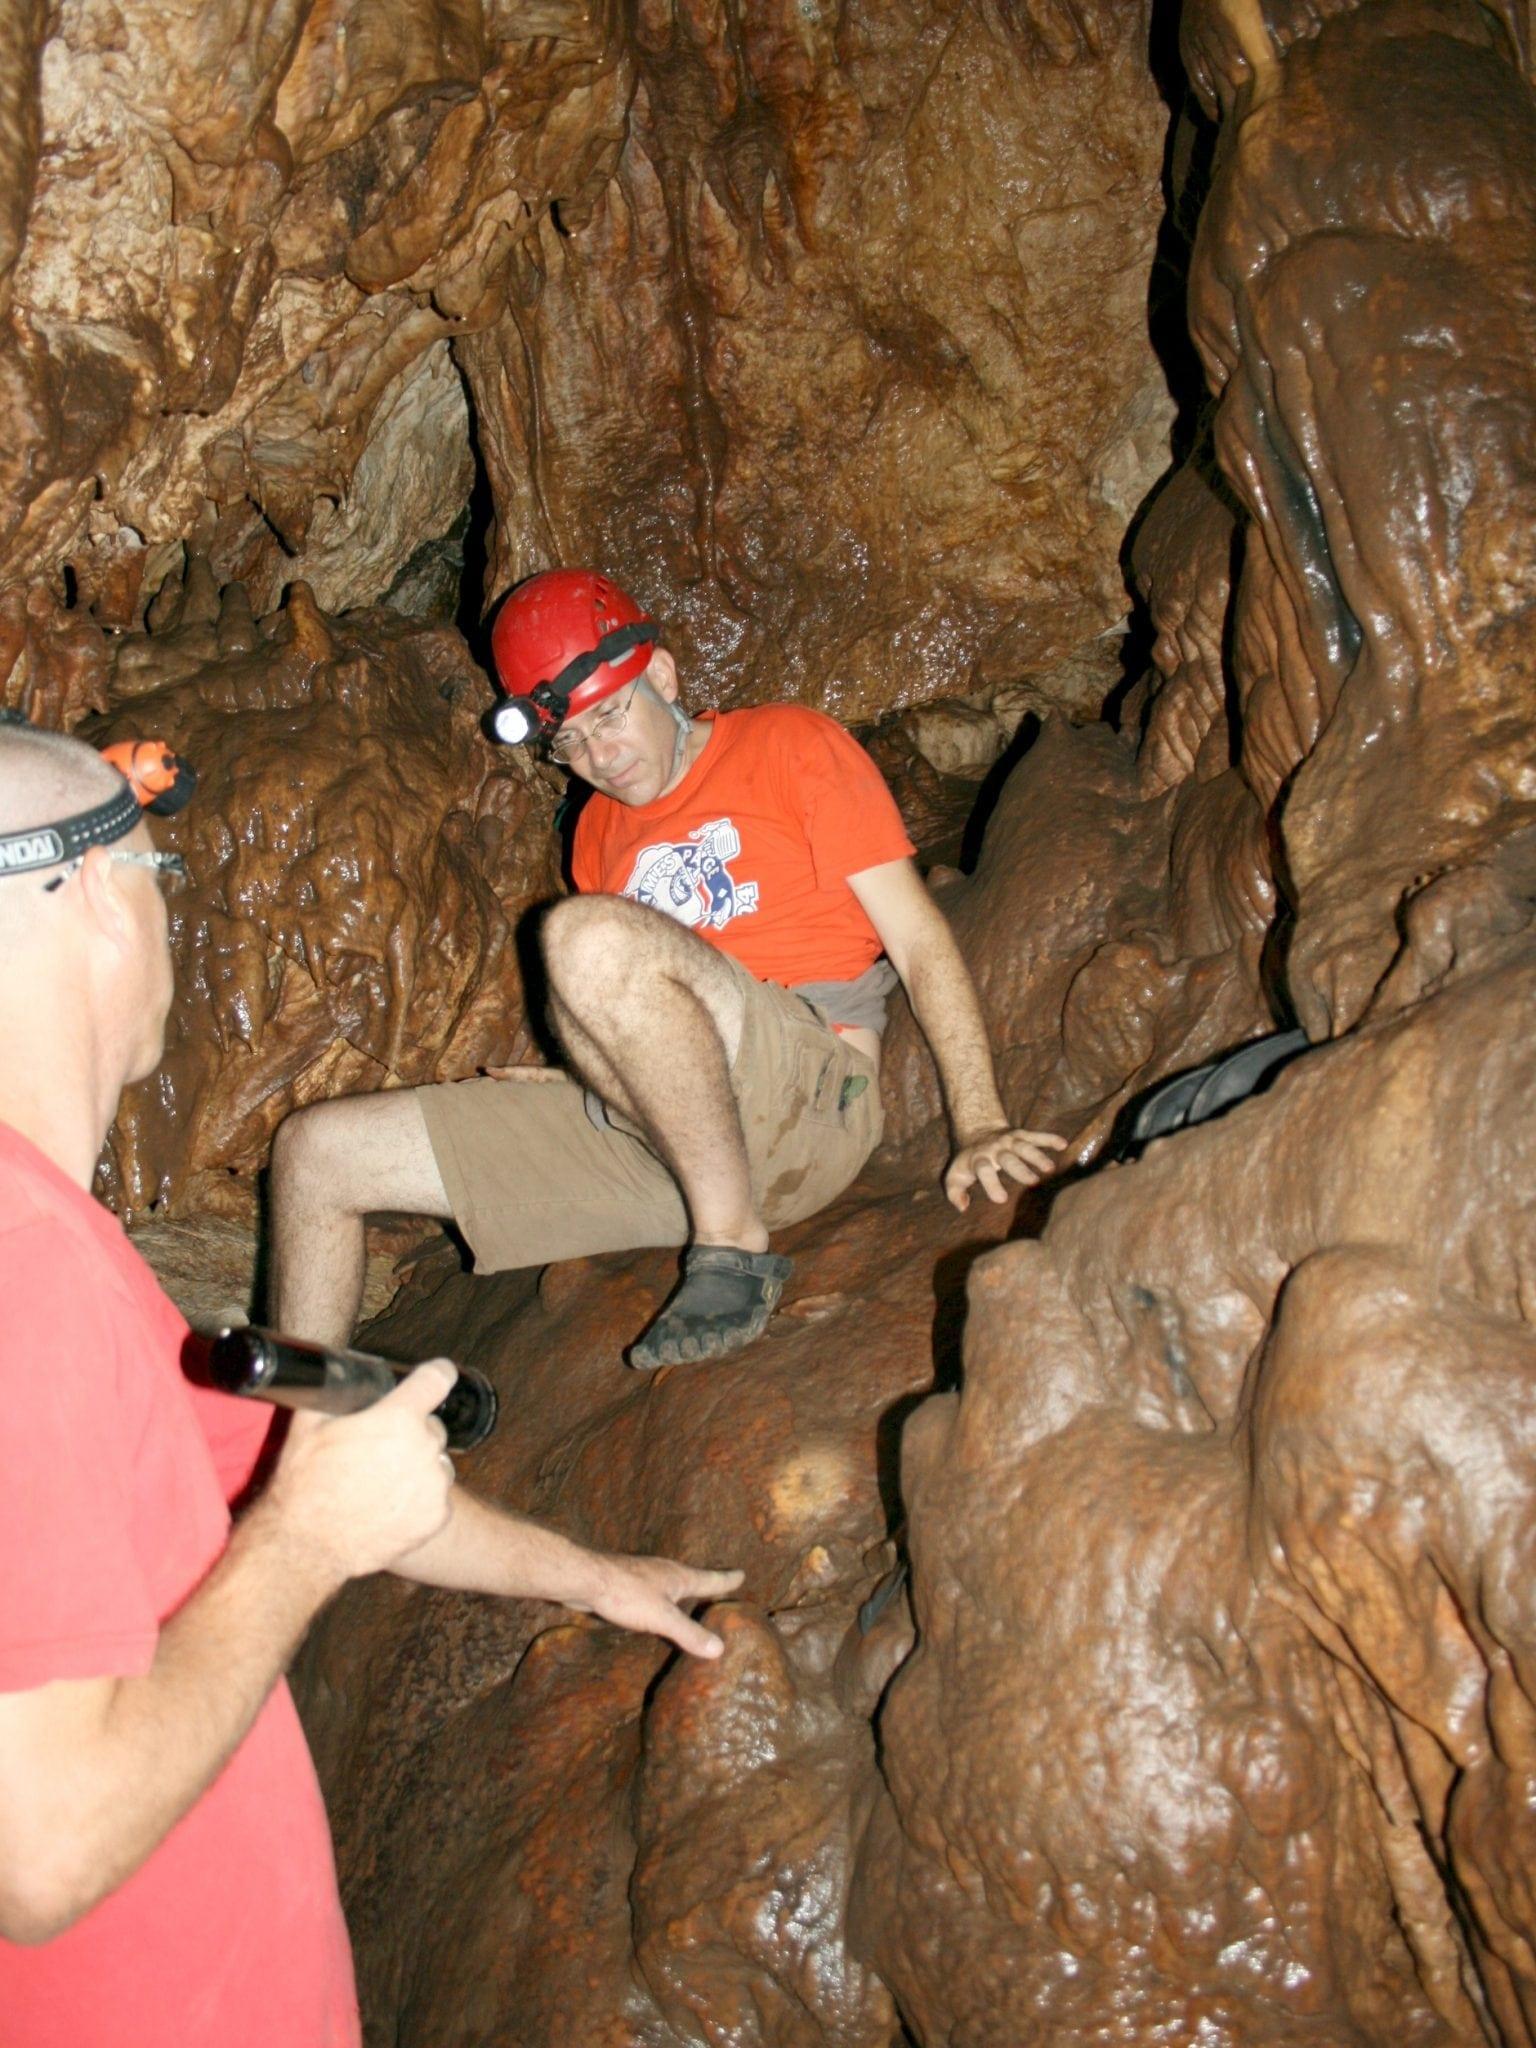 טיול במערת הנטיפים עלמה - ערוצים בטבע